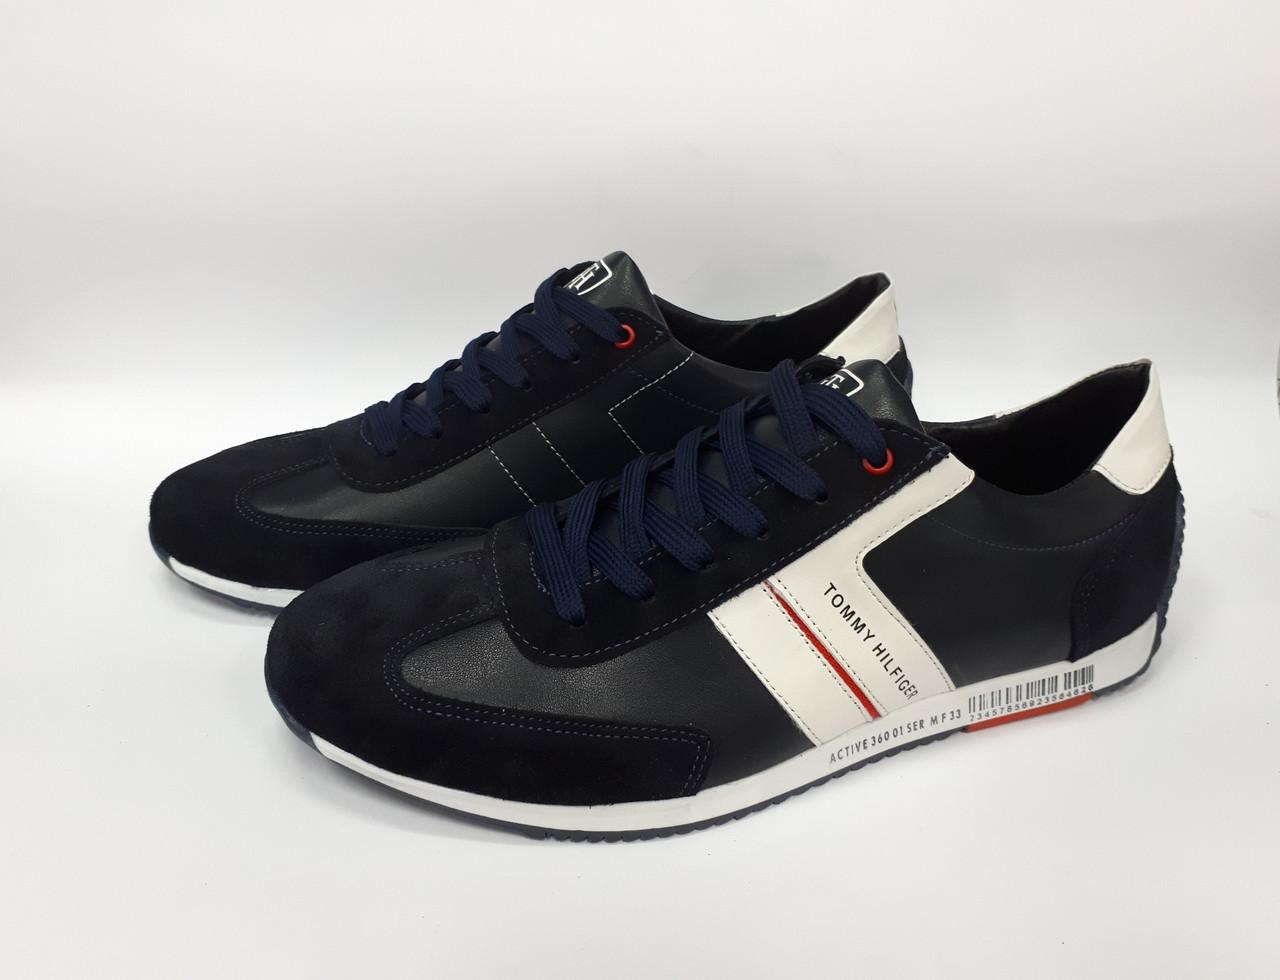 Мужские кожаные кроссовки Tommy Hilfiger. Украина  продажа 52b094490377c